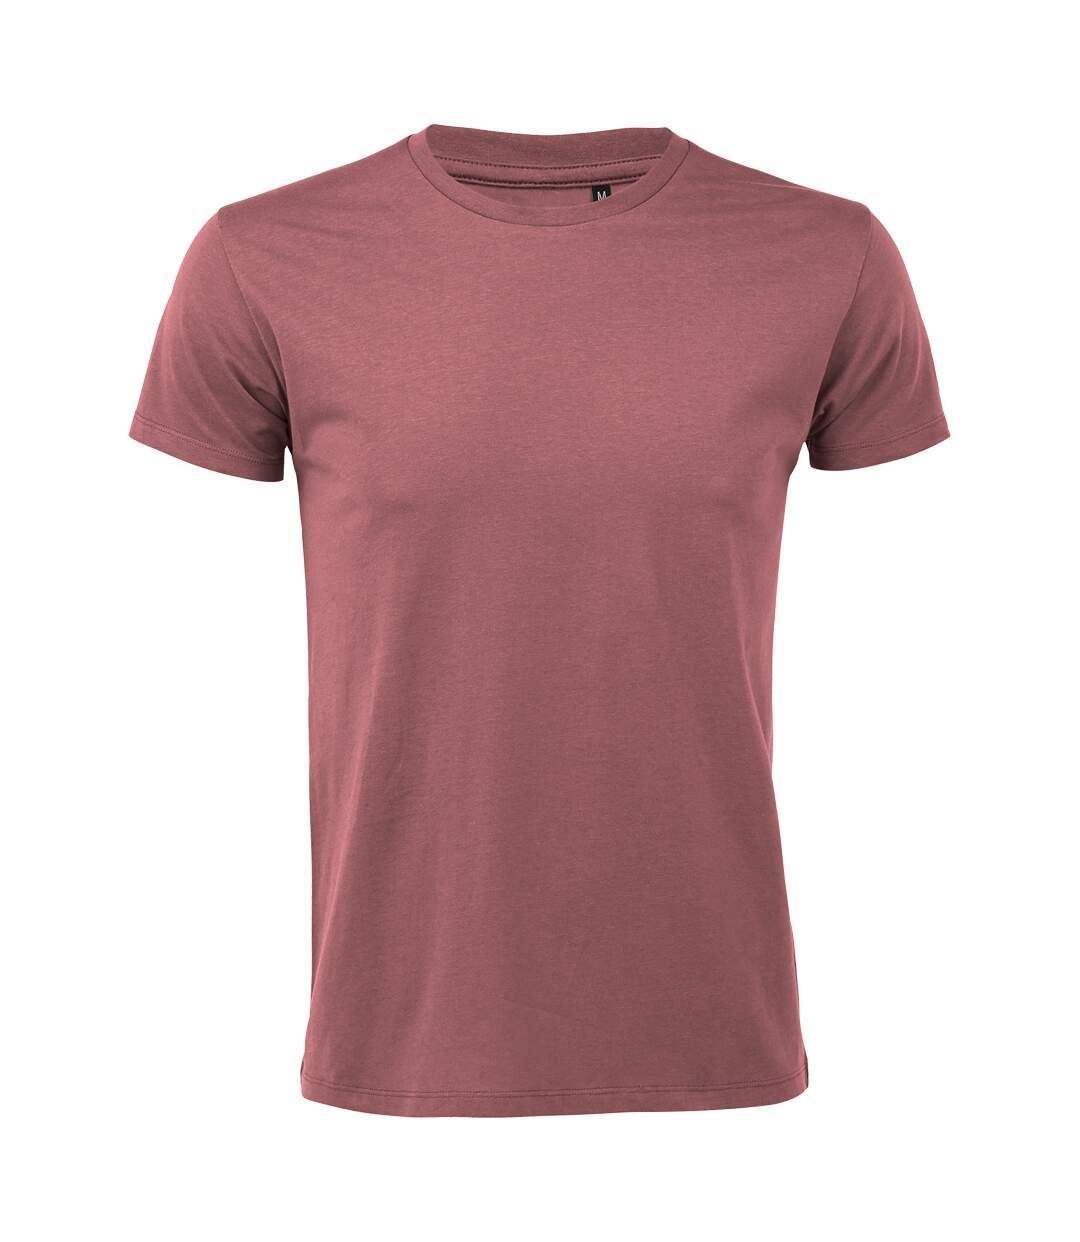 SOLS Mens Regent Slim Fit Short Sleeve T-Shirt (Ancient Pink) - UTPC506